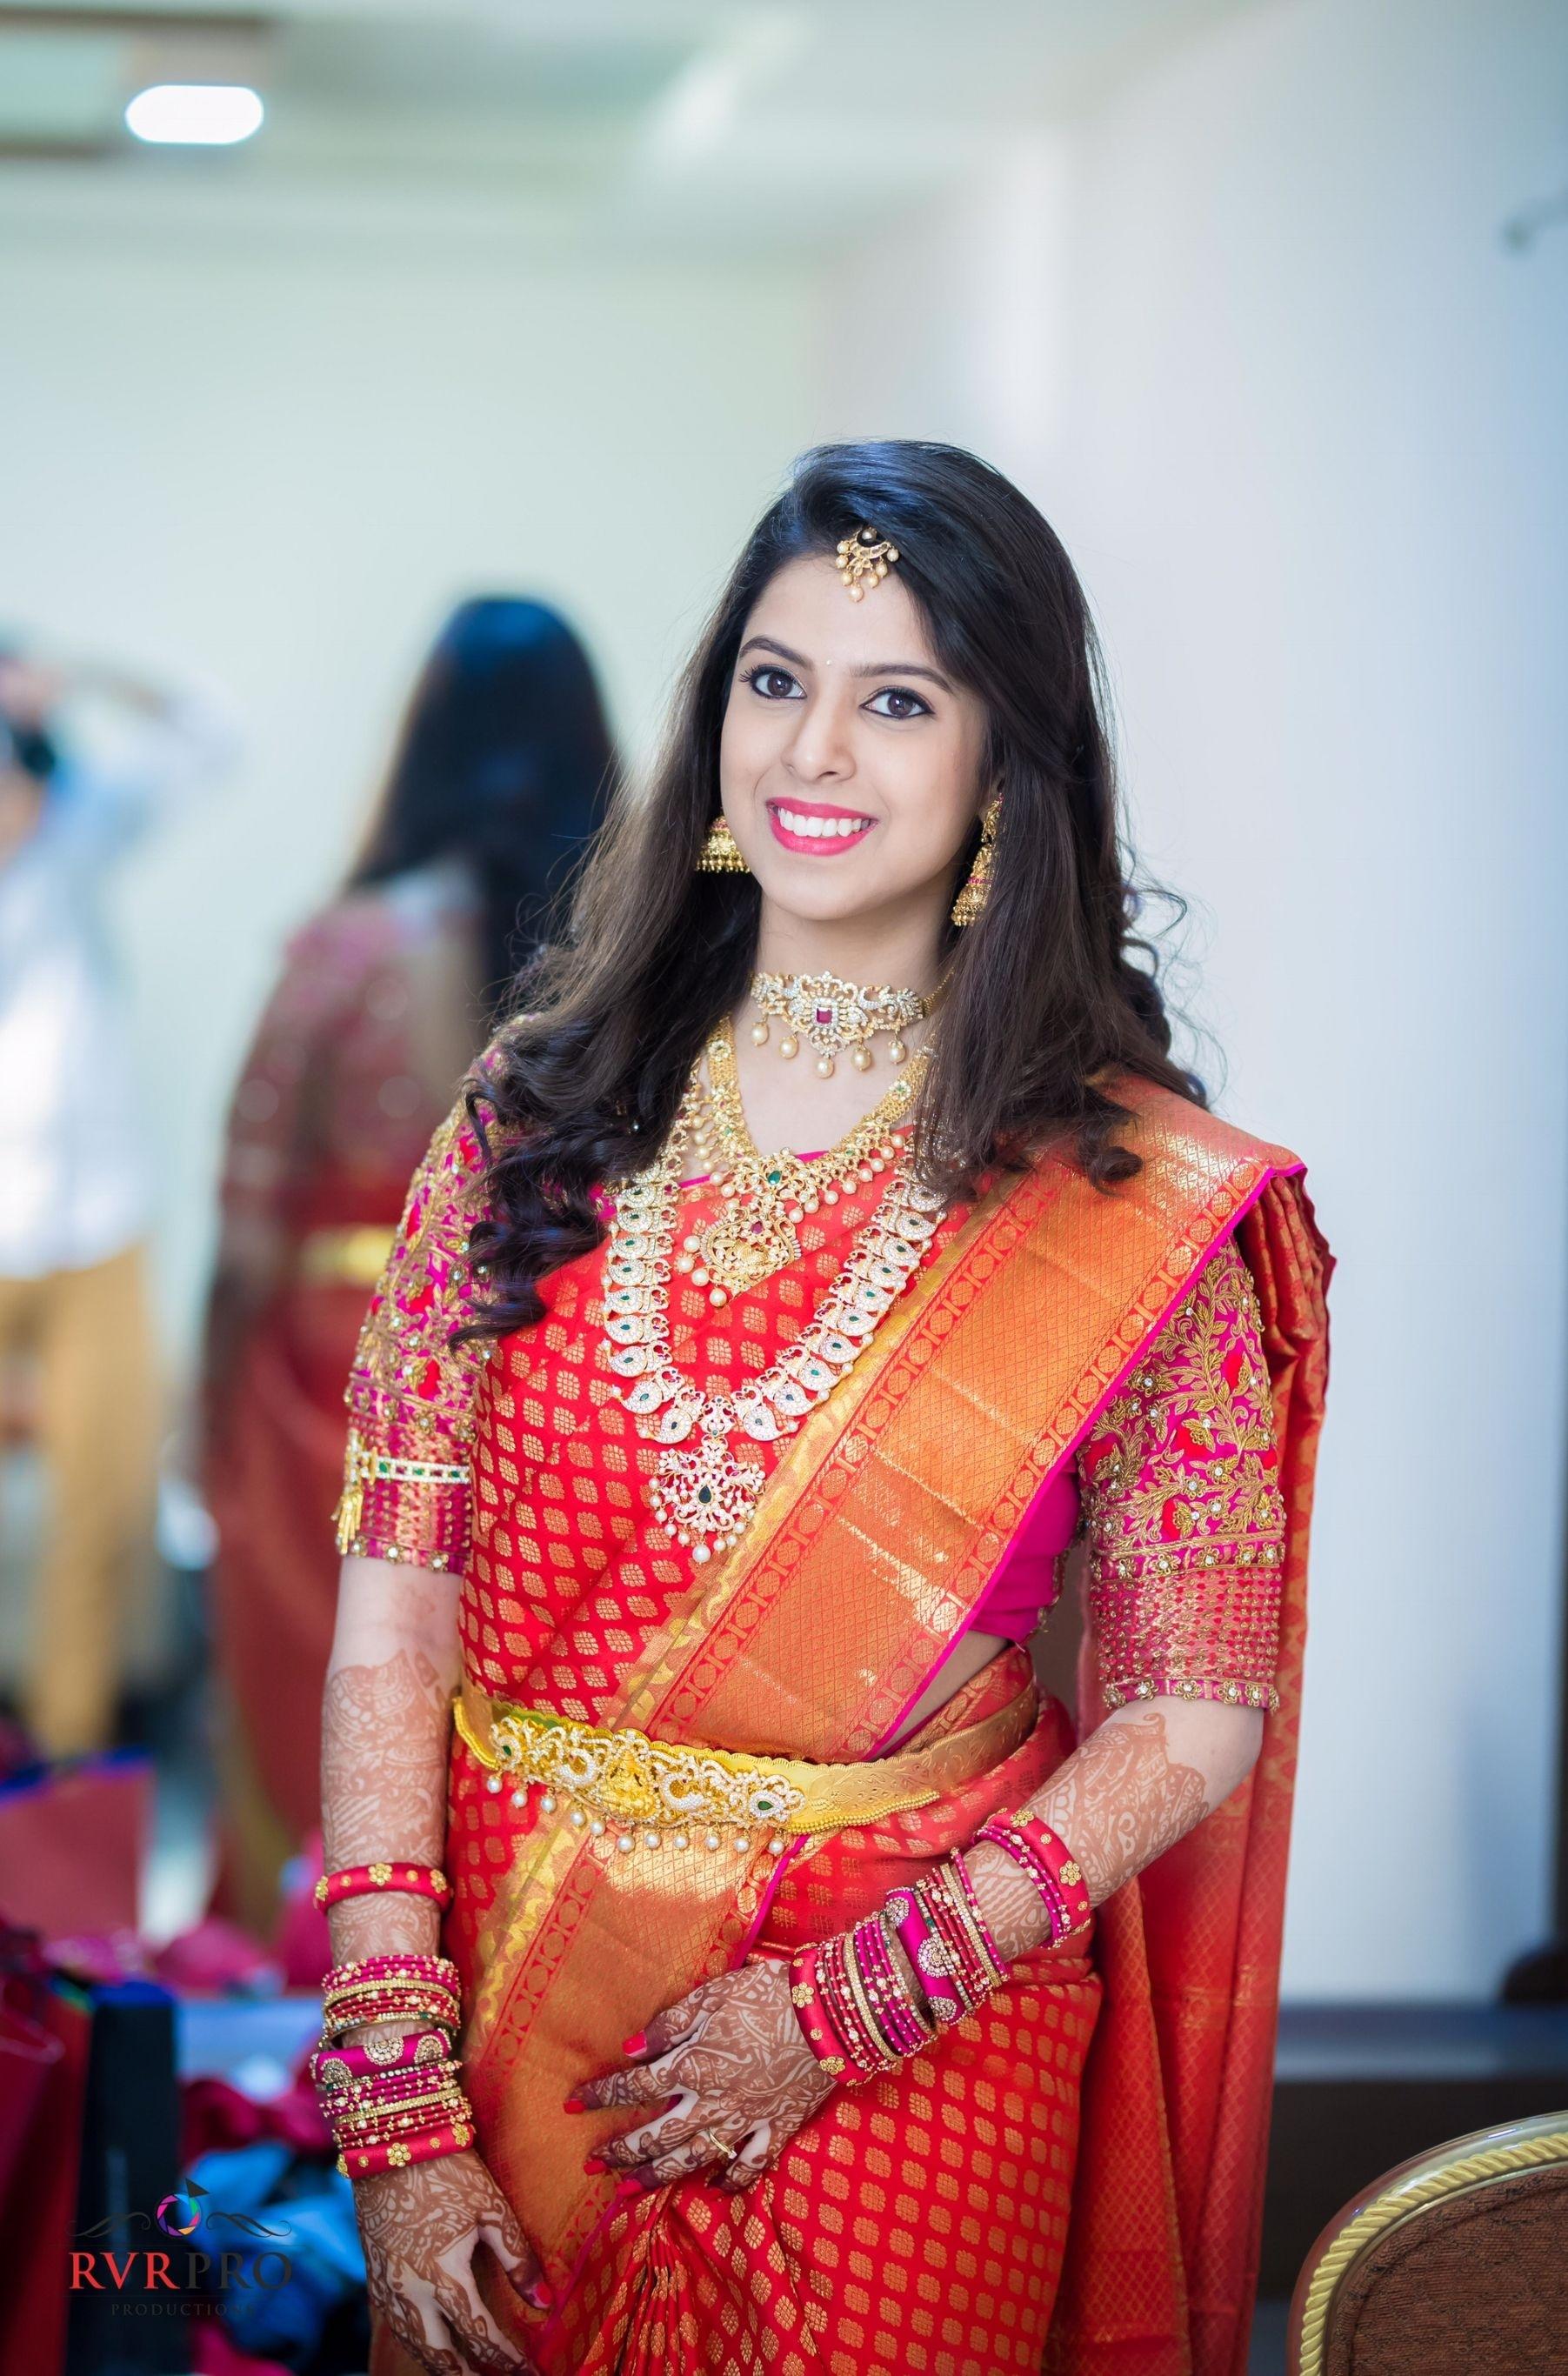 Indian Bridal Hairstyles For Saree - Wavy Haircut